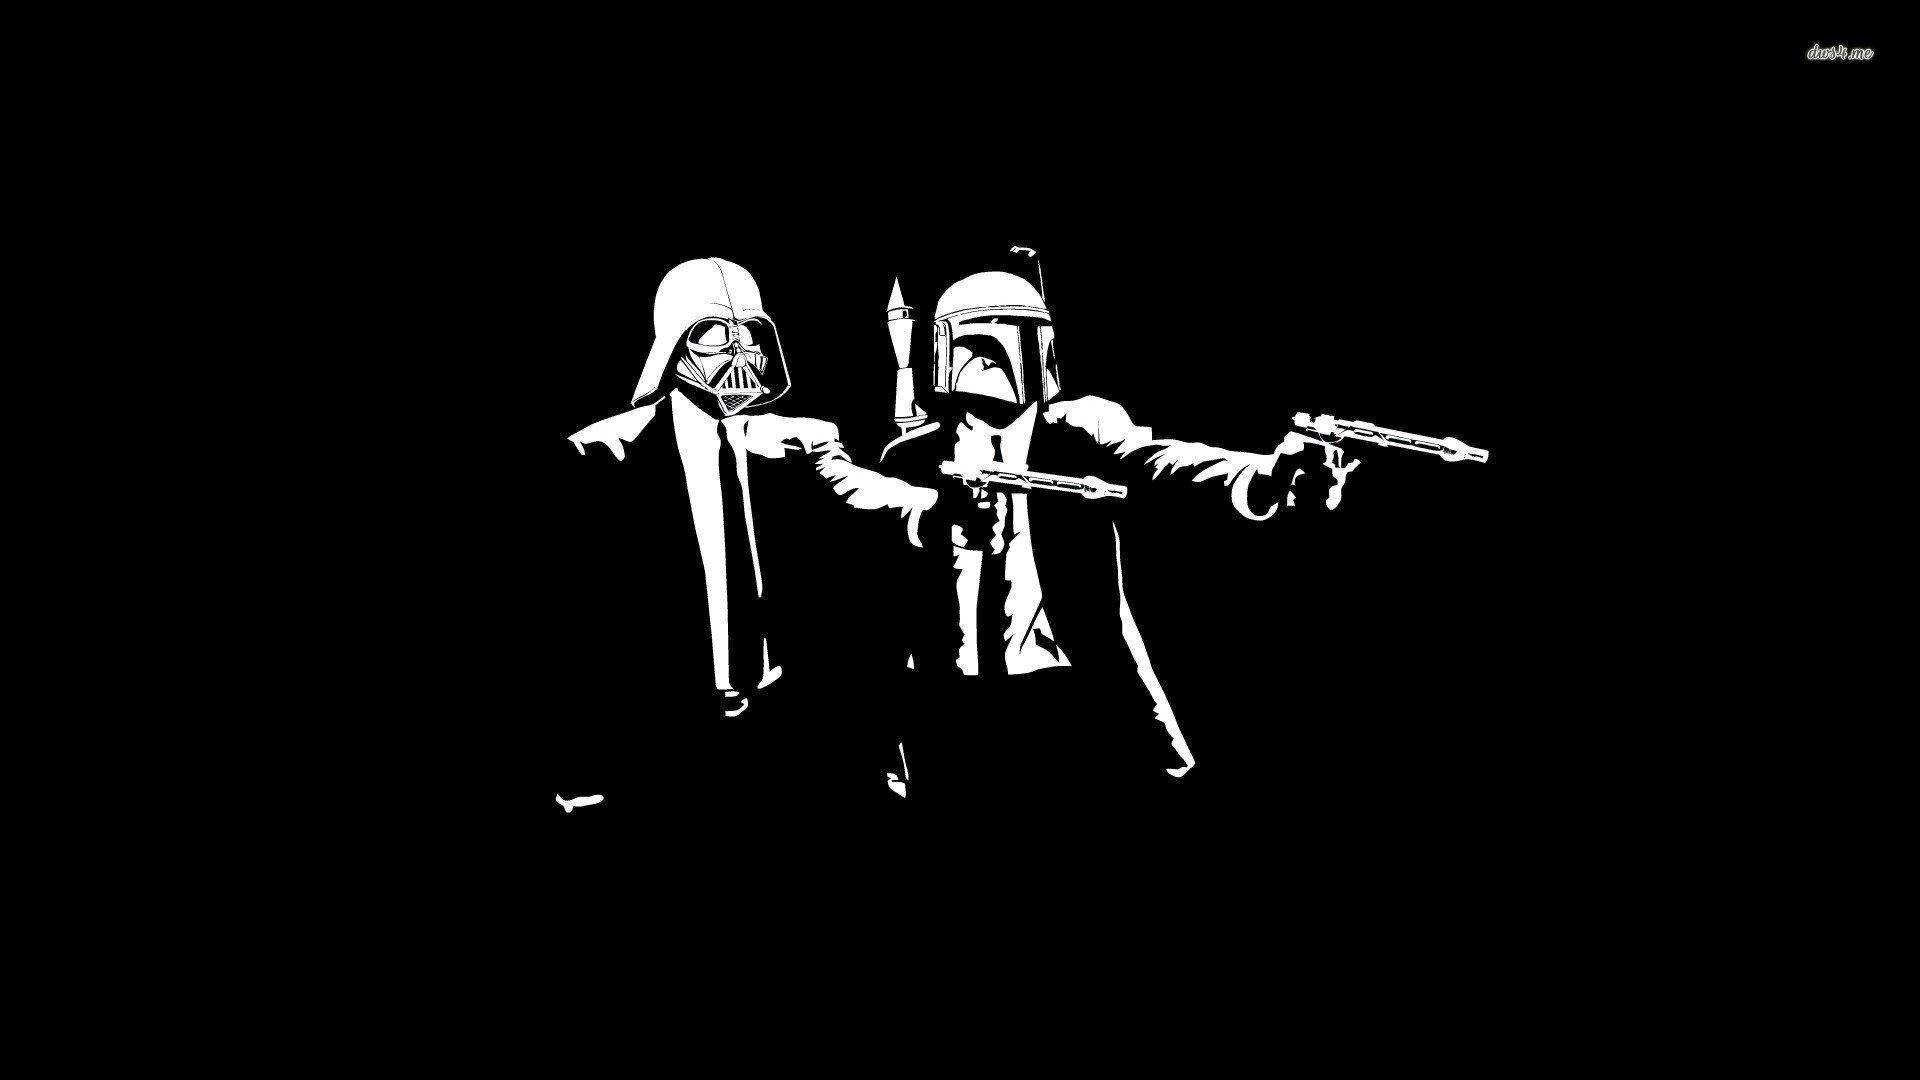 star wars vs pulp fiction - walldevil